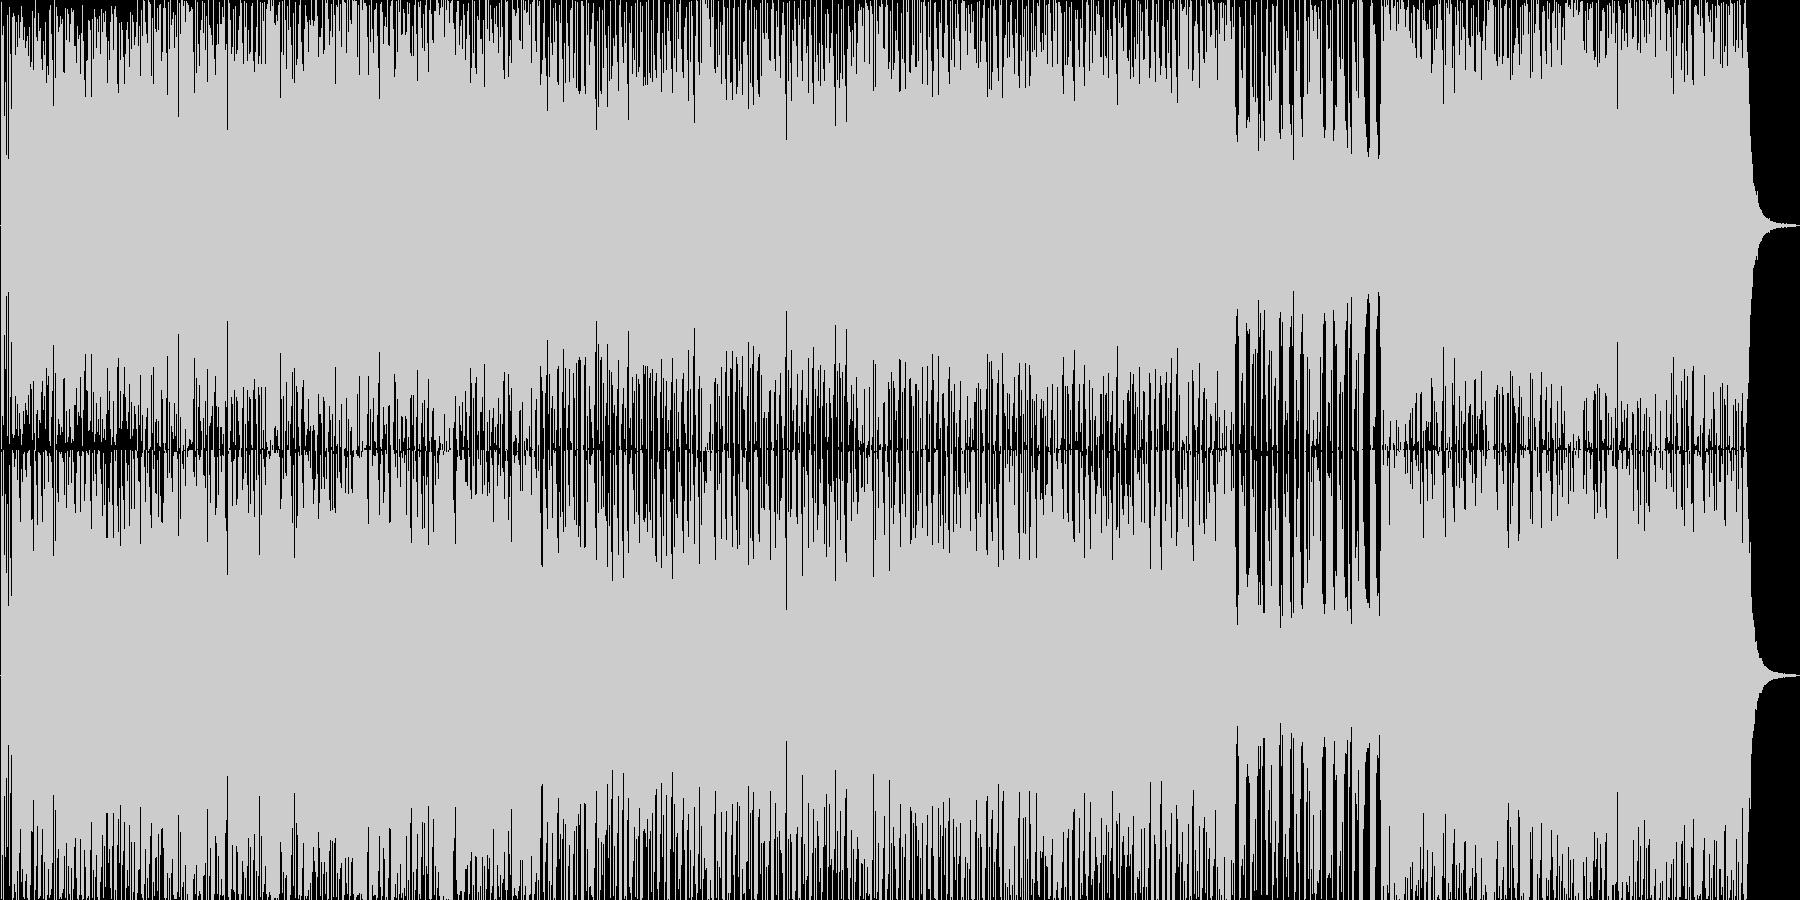 南国(日本)風ボーナスステージBGMの未再生の波形